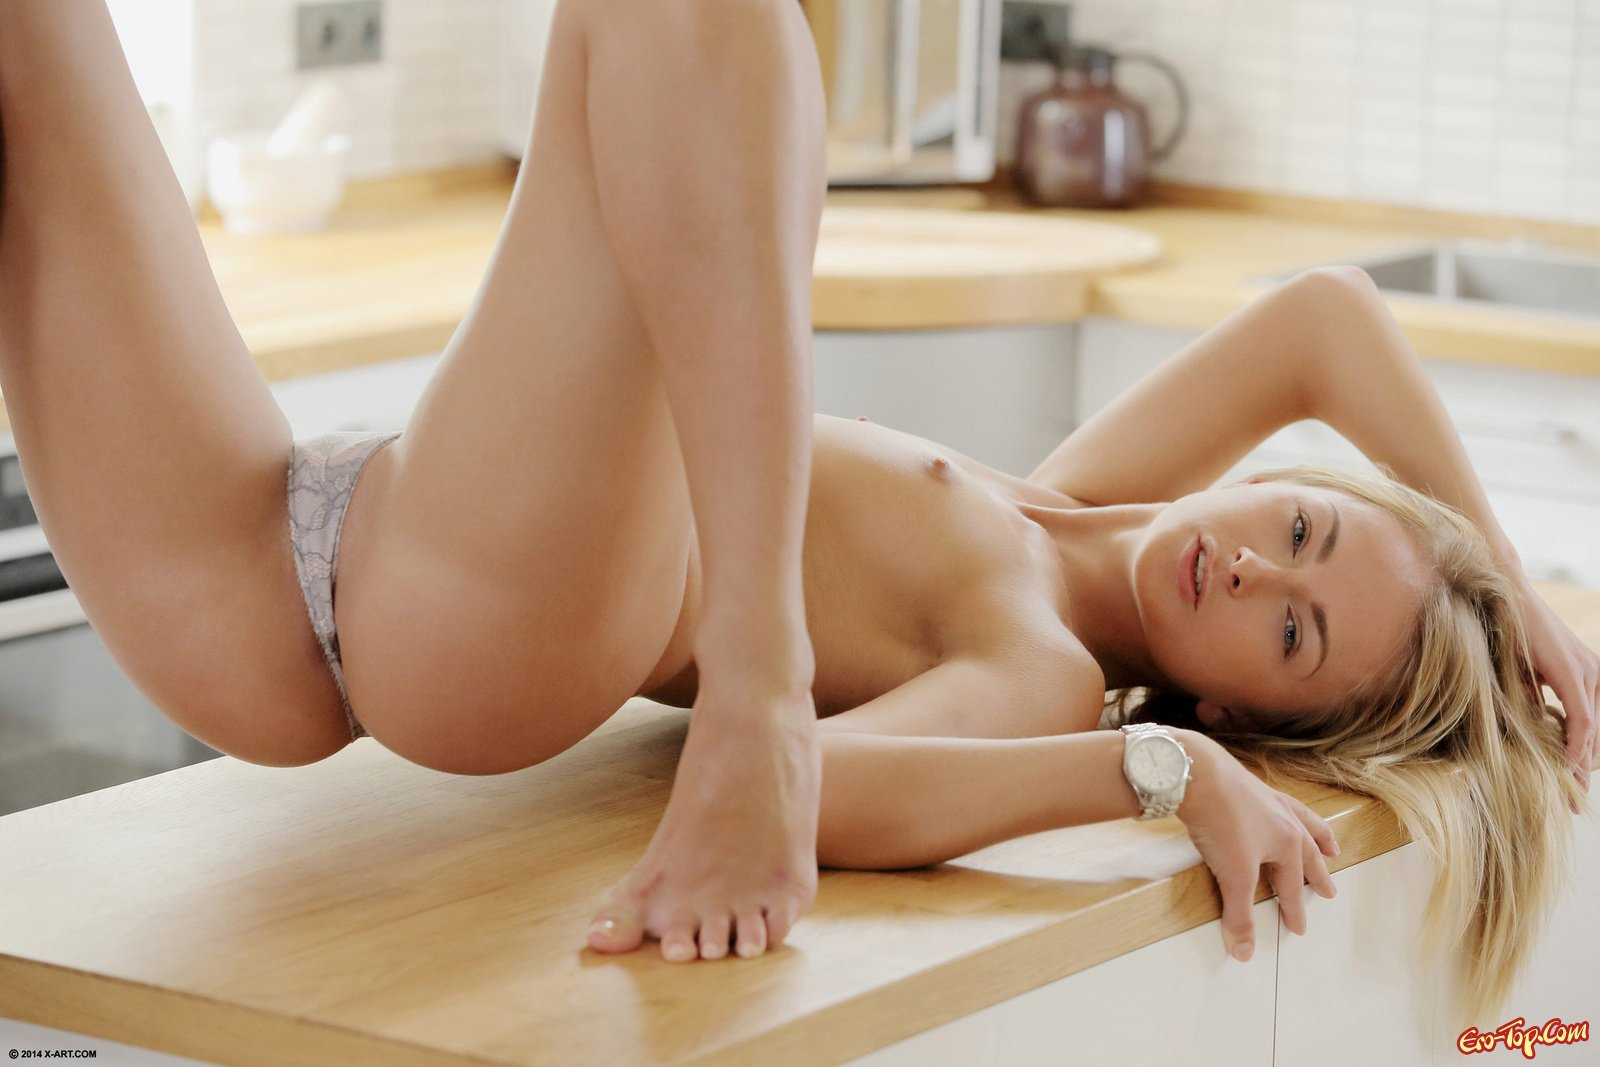 Блондинка показывает пилотку на кухонном столе